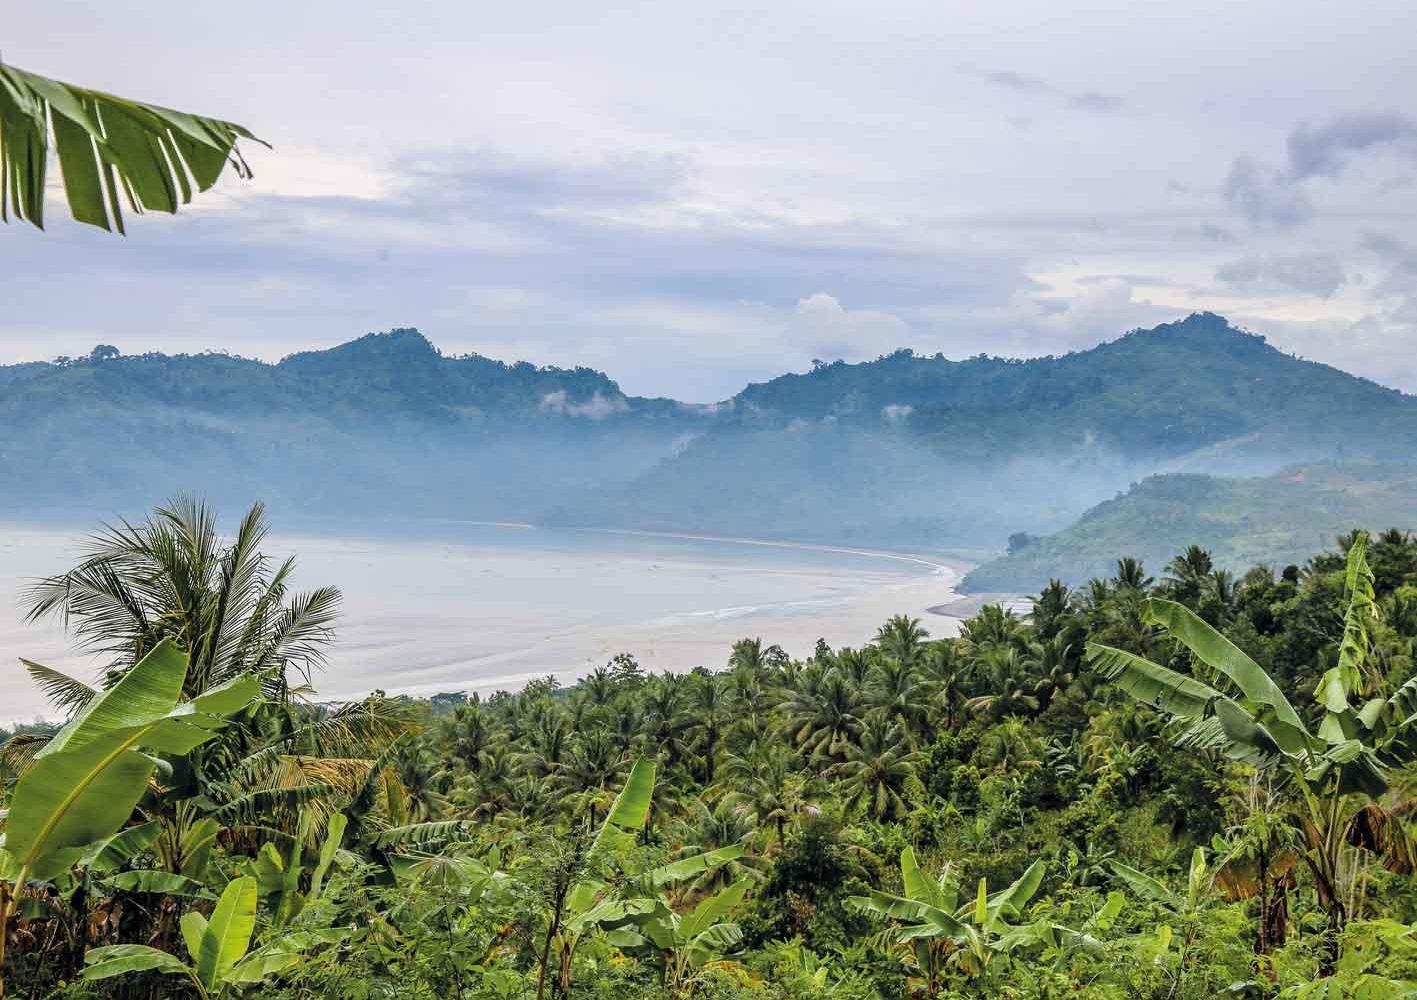 Wunderschöne Küstenlandschaft auf Java, Indonesien